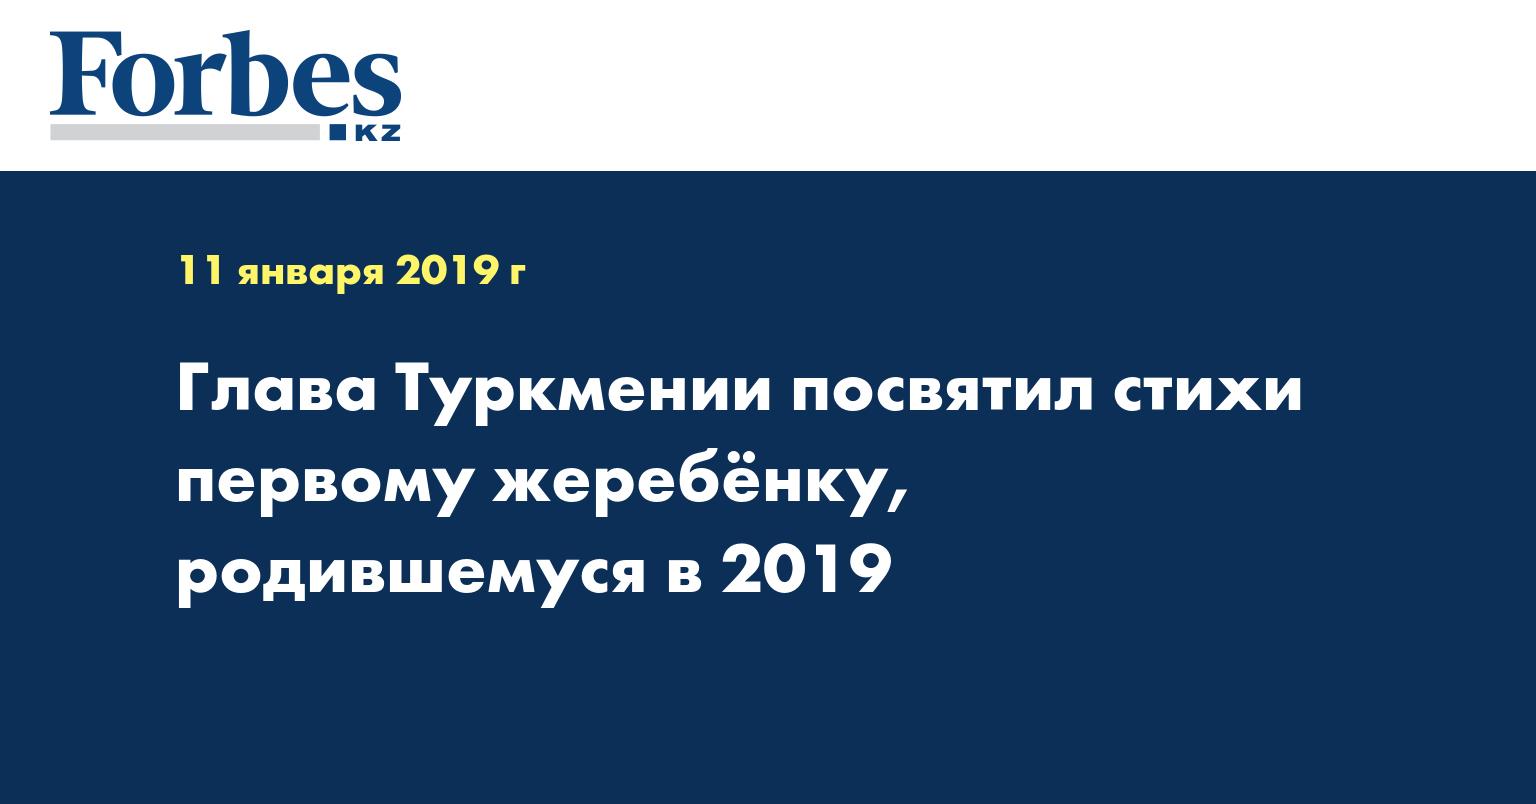 Глава Туркмении посвятил стихи первому жеребенку, родившемуся в 2019